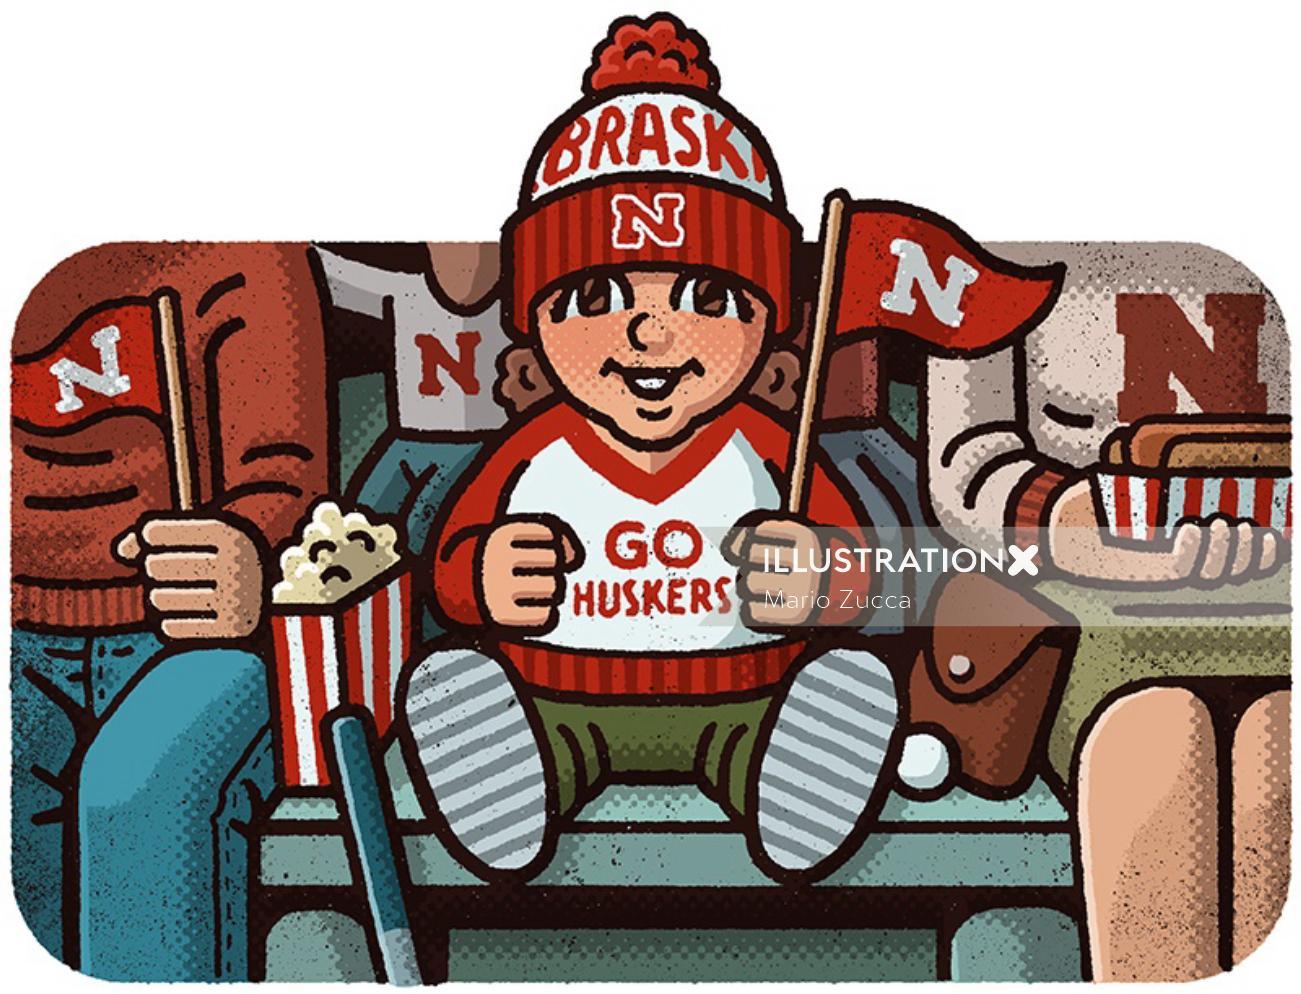 Editorial illustration of Nebraska Cornhuskers football